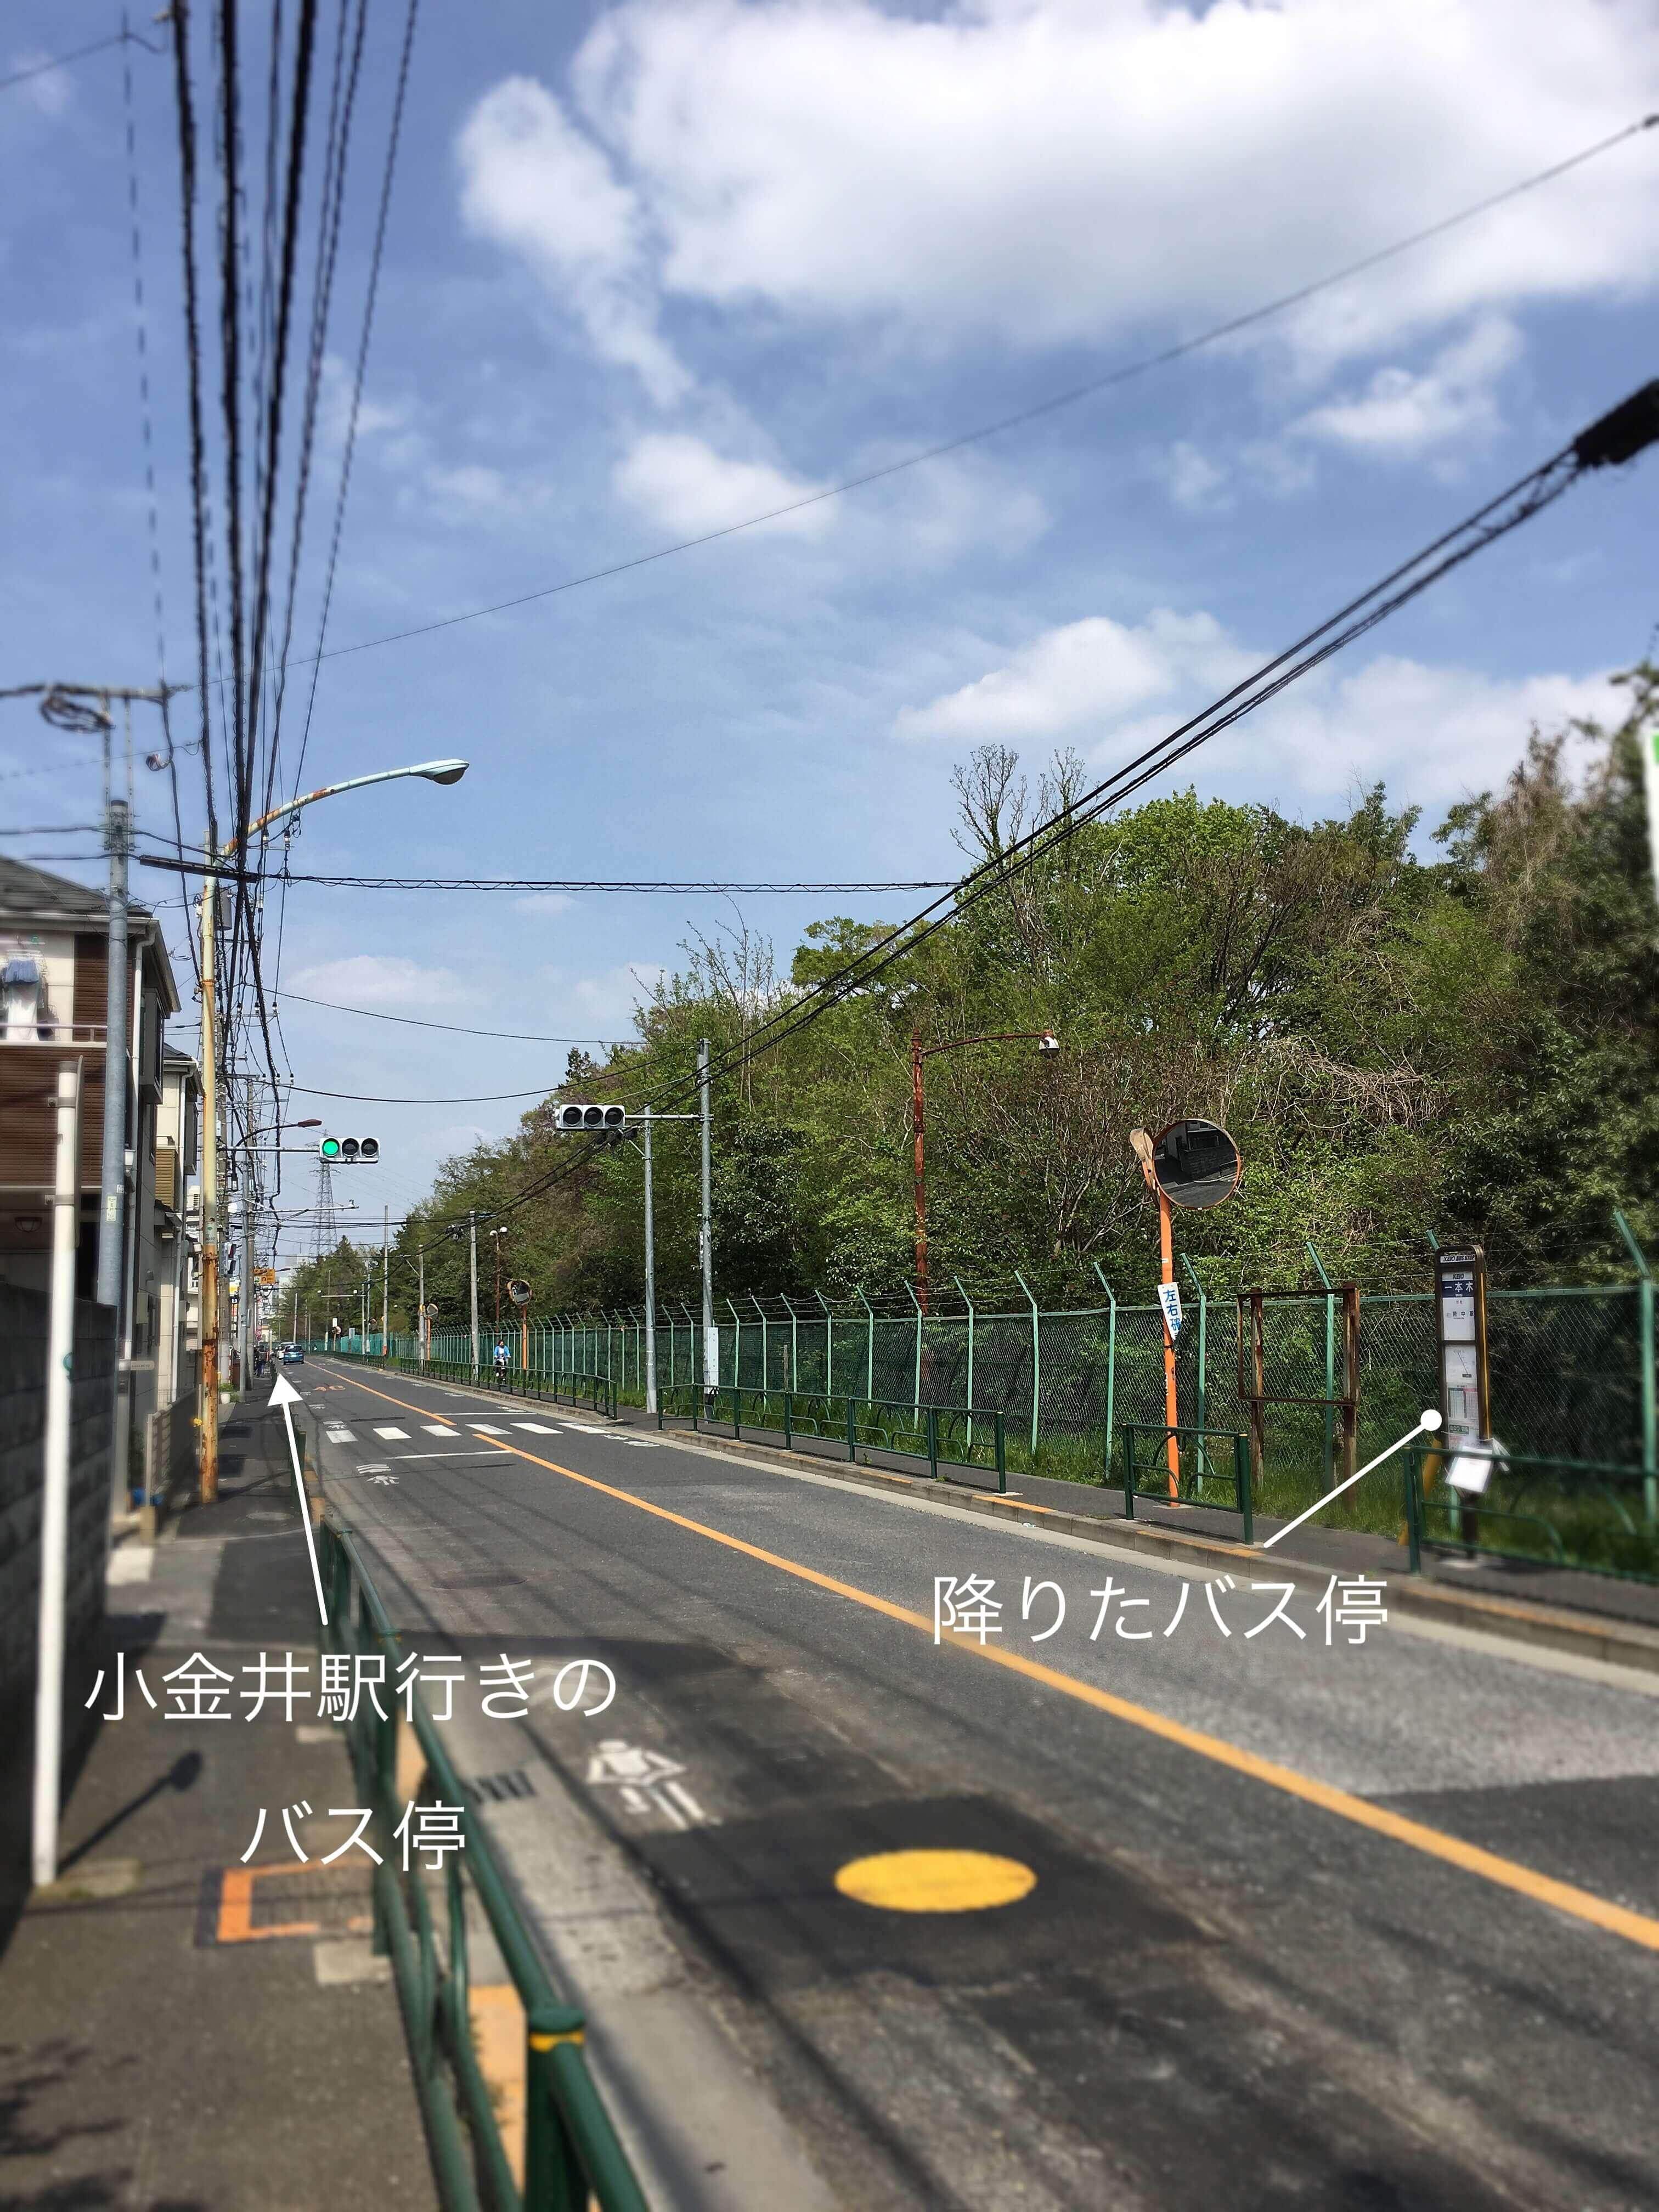 府中市美術館から武蔵小金井駅への帰り方